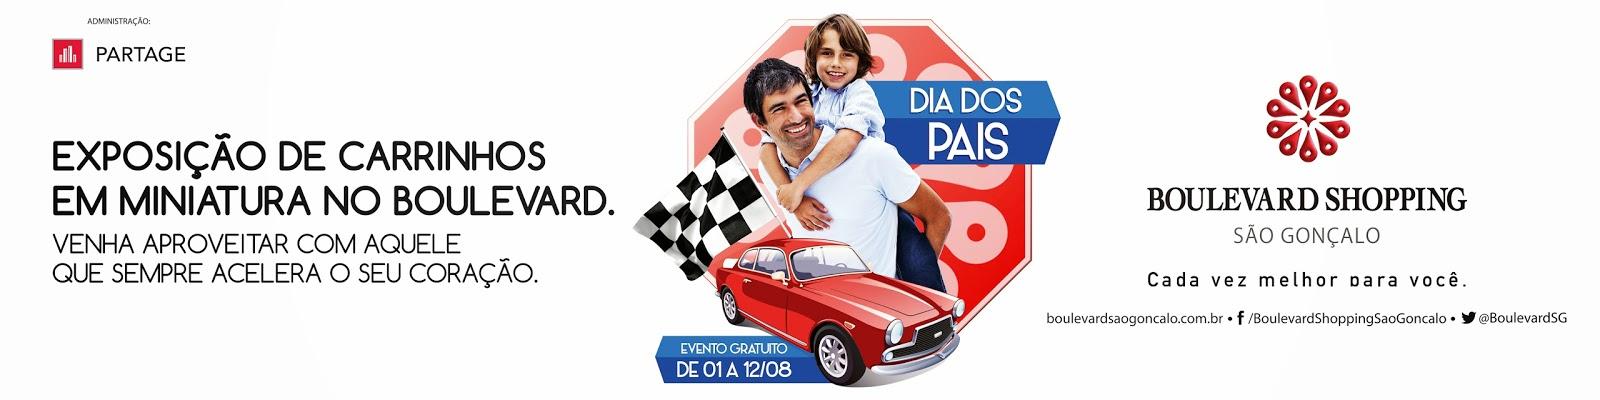 Boulevard São Gonçalo celebra Dia dos Pais com exposição em miniatura